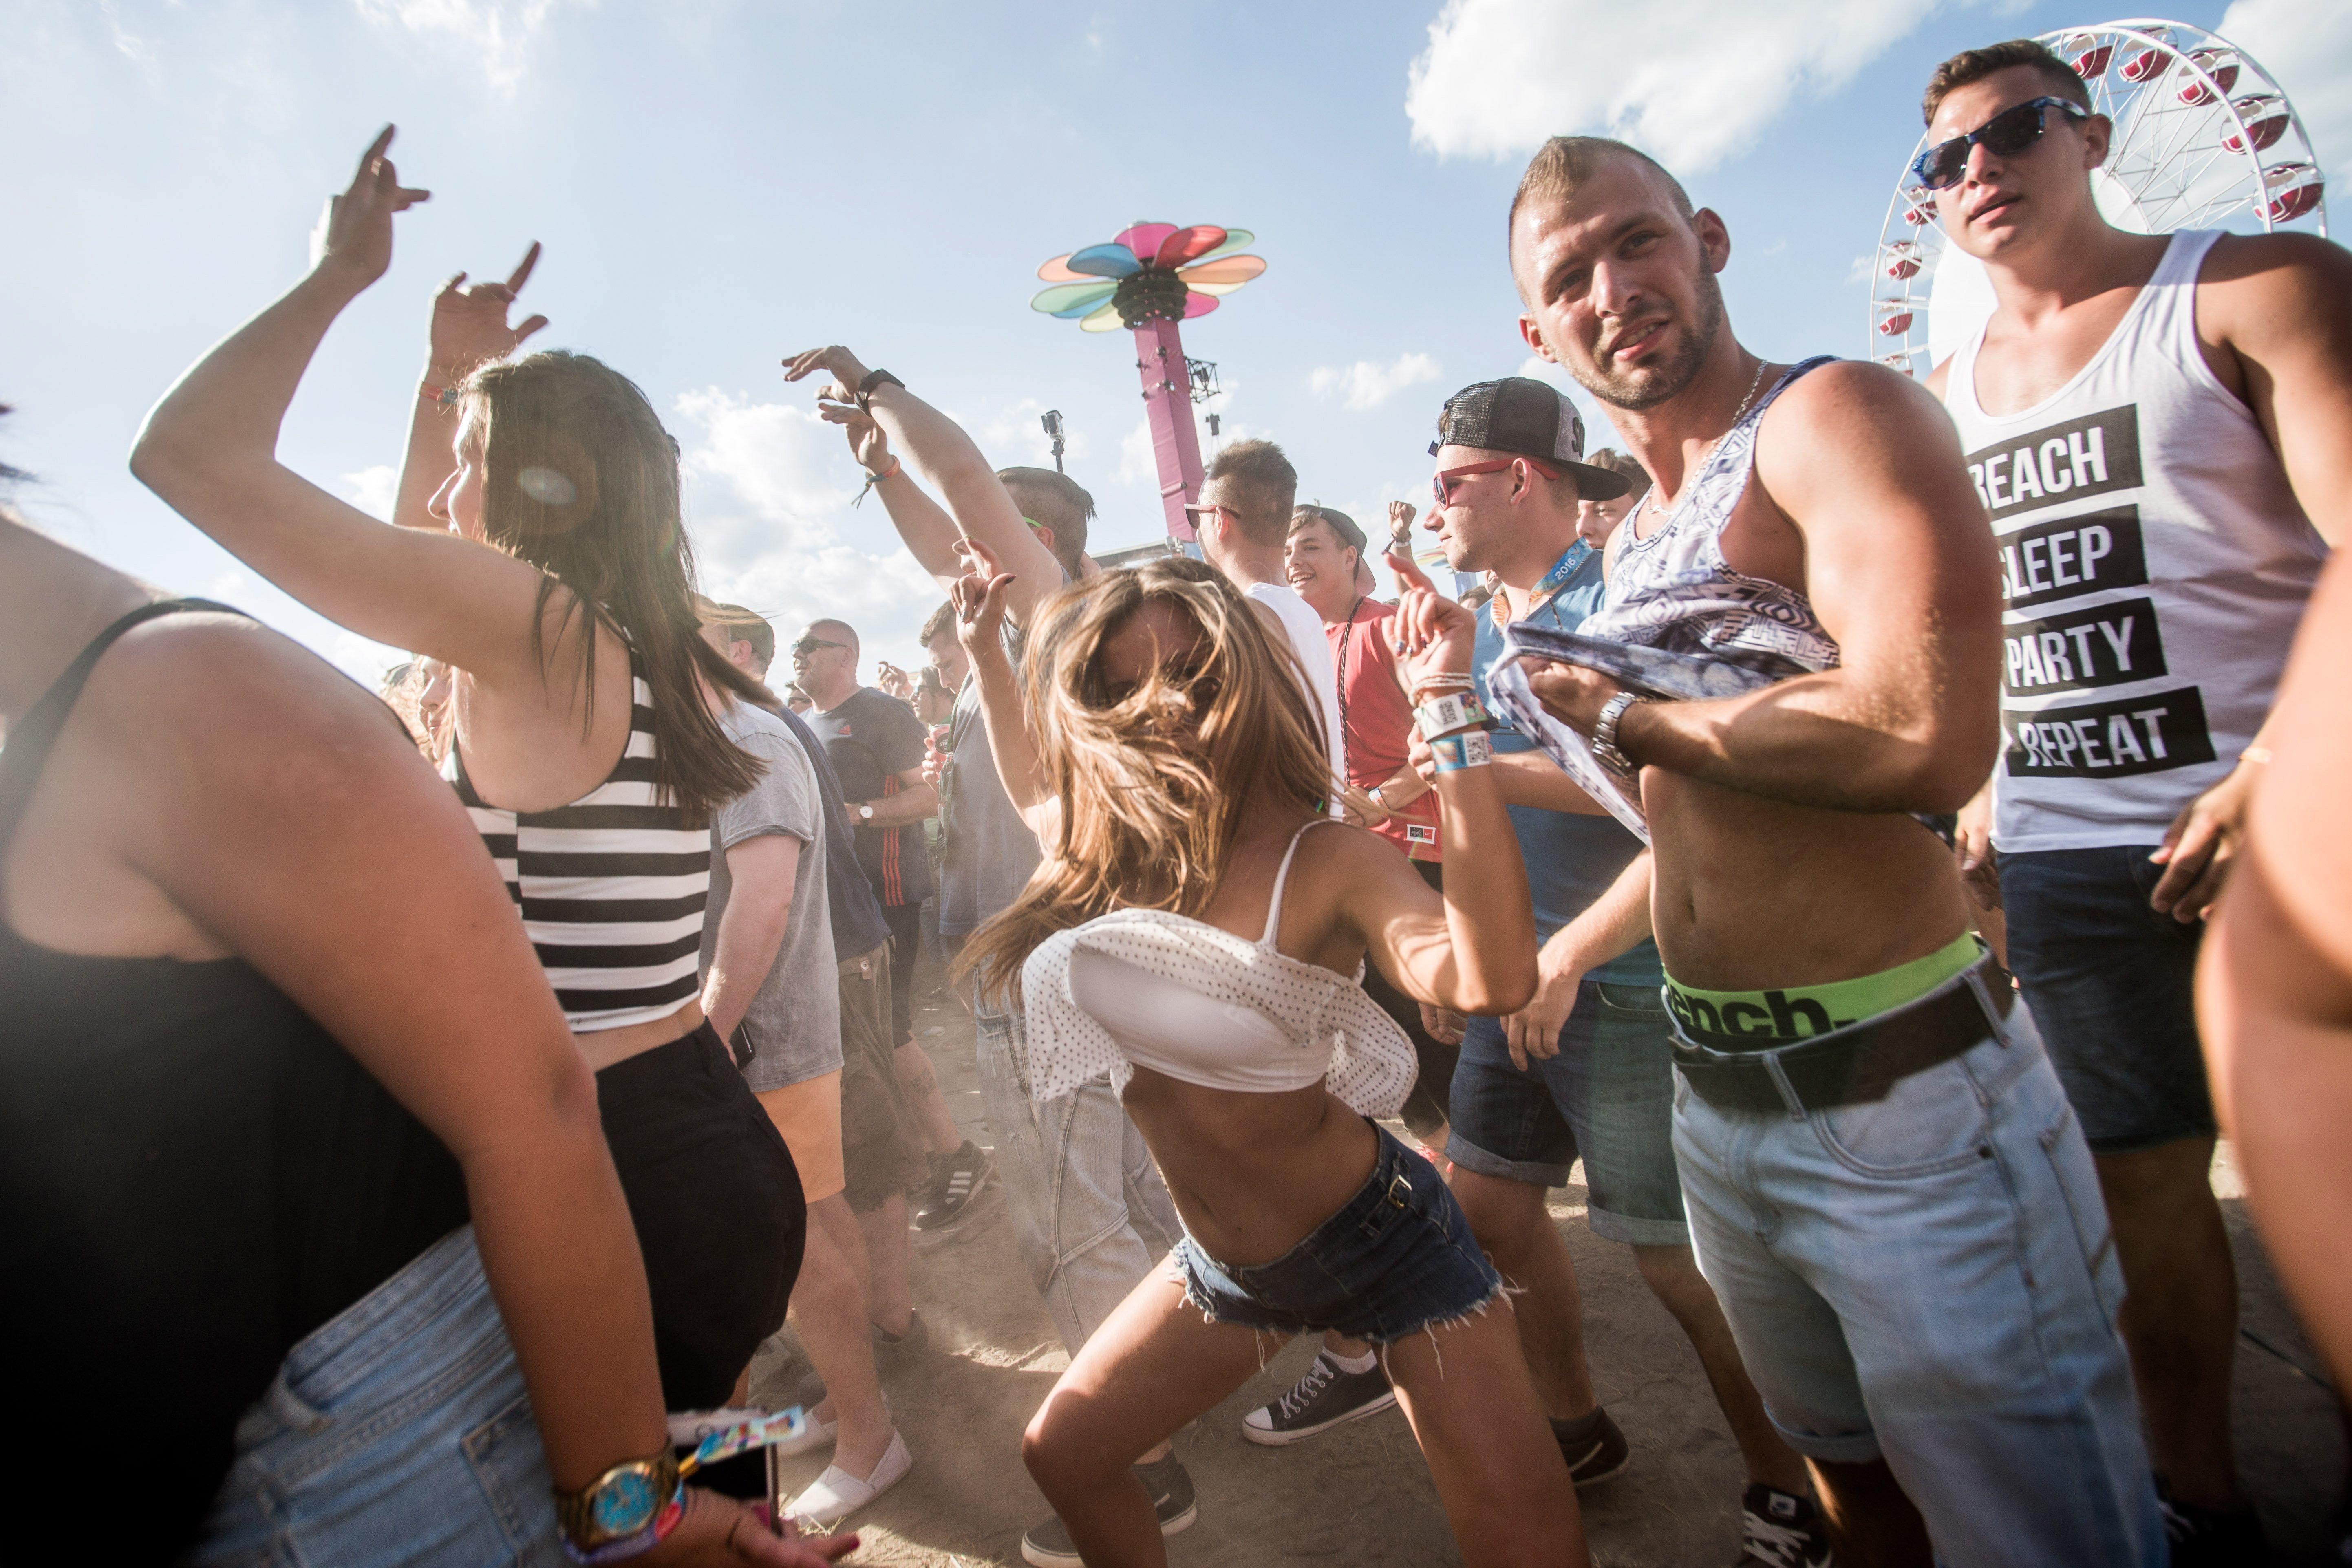 Több brit nyári fesztiválon hivatalosan bevizsgáltathatják majd kábítószereiket a bulizók